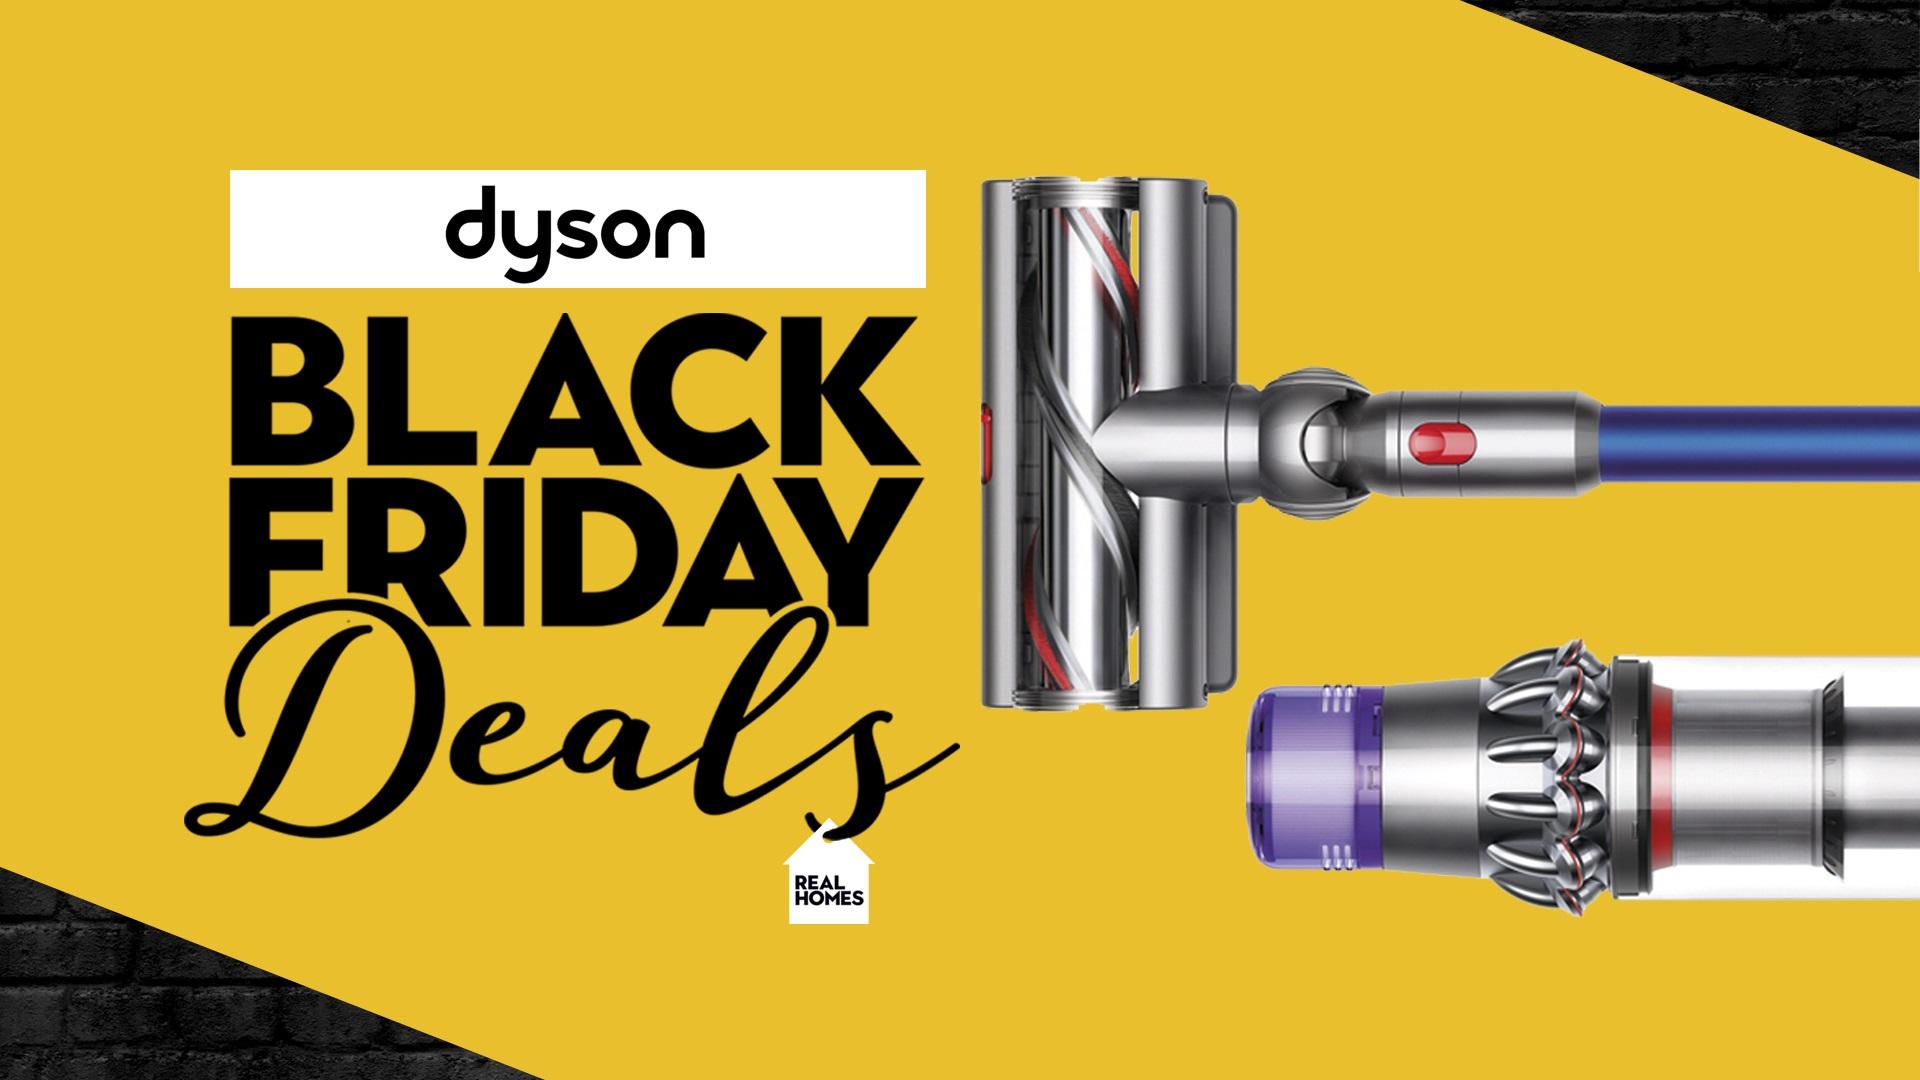 Dyson Black Friday deals: shop this epic Dyson sale